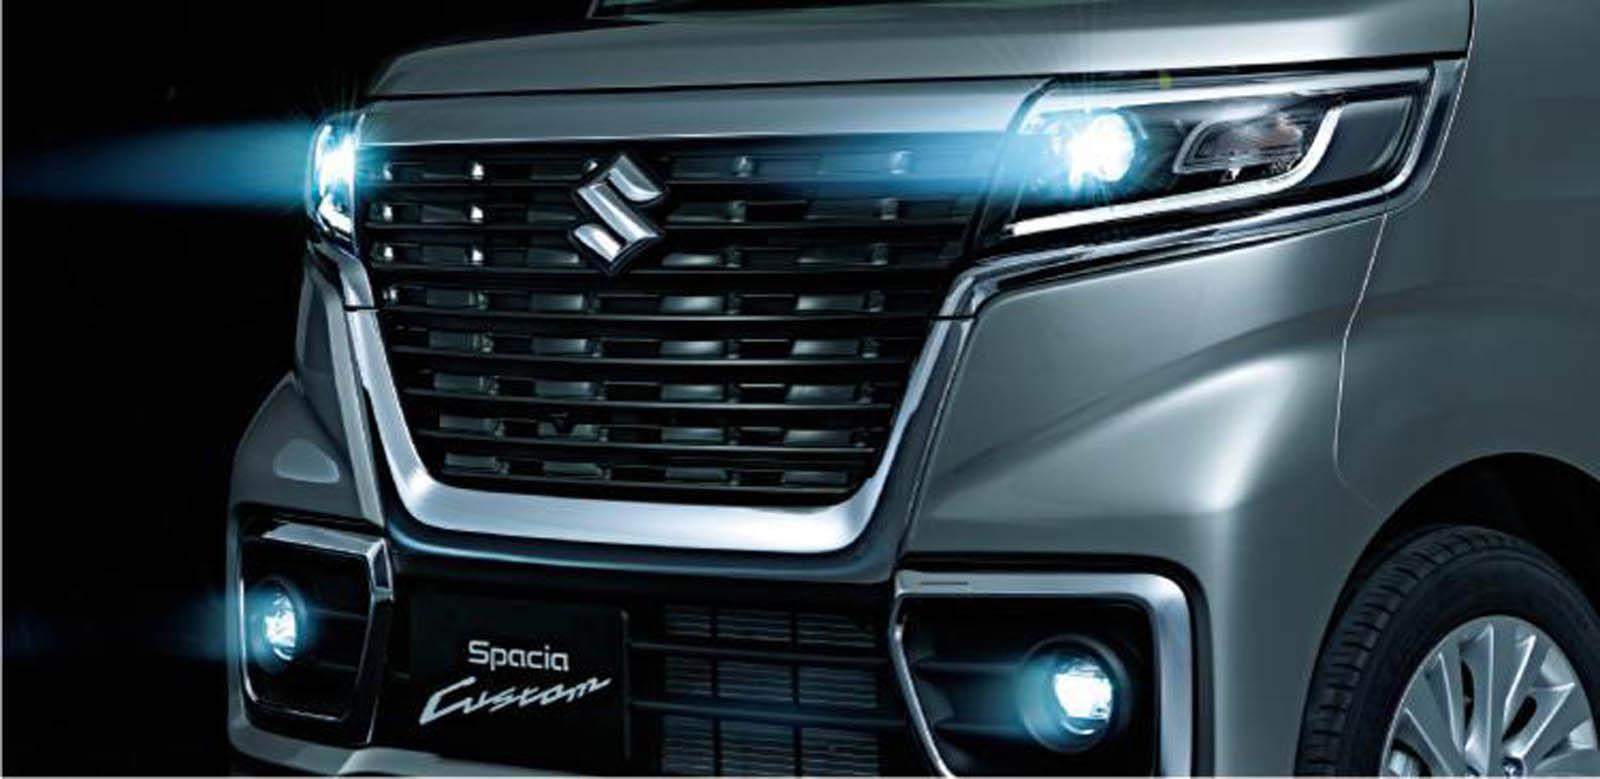 Suzuki Spacia 2018 (80)